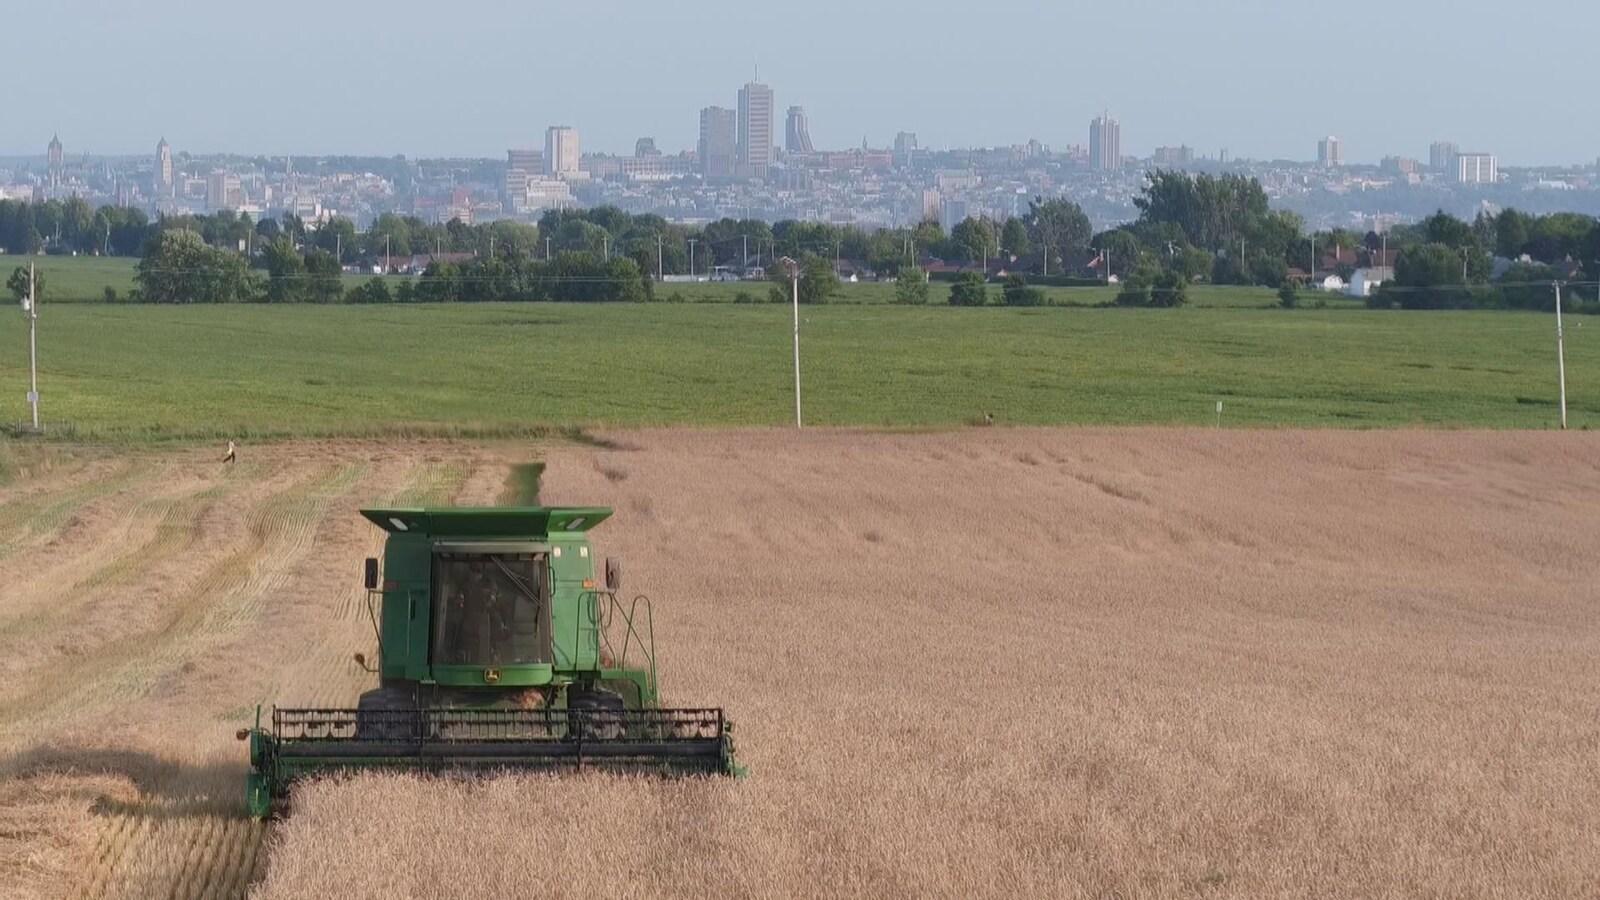 Une moissonneuse dans un champs avec en arrière plan la ville de Québec.